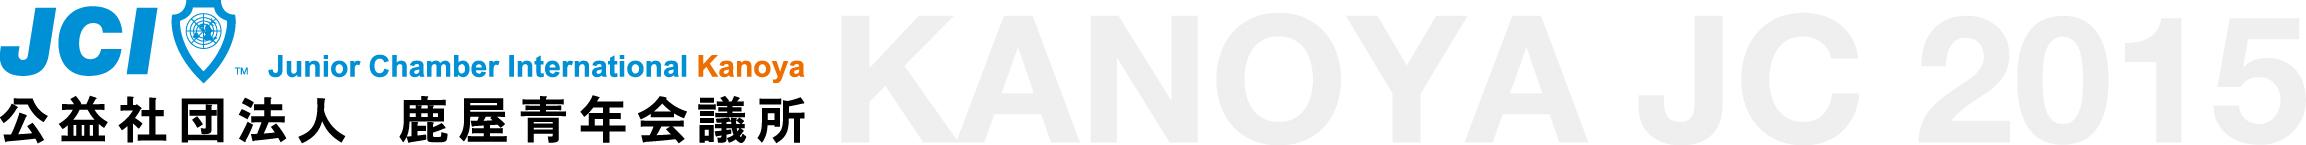 2015年度公益社団法人鹿屋青年会議所